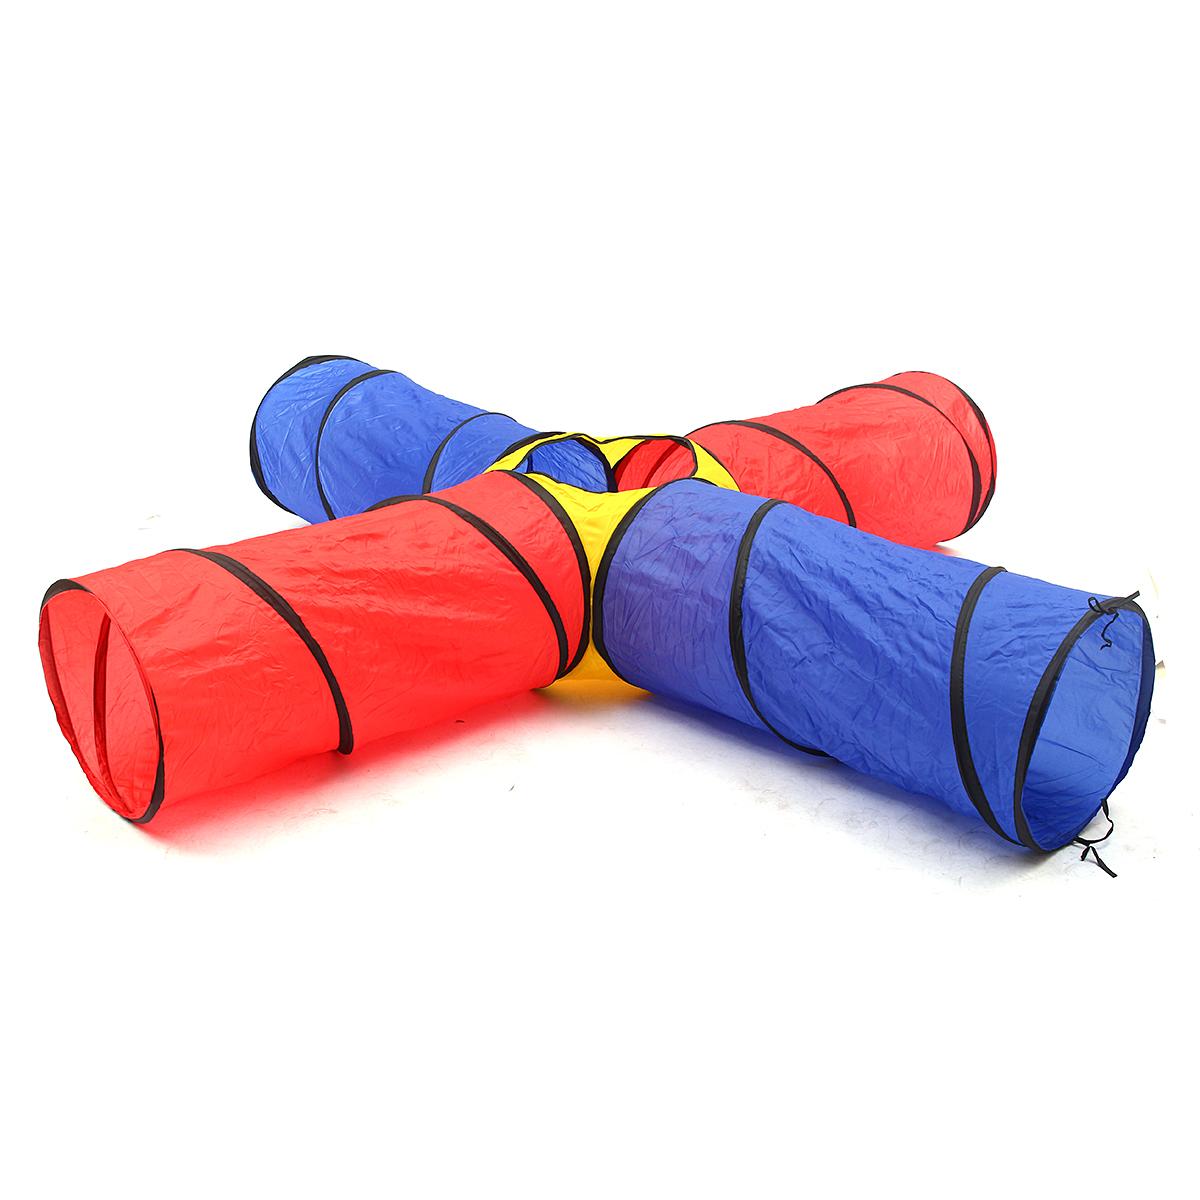 4 en 1 tente de jeux forme de tunnel enfant b b jouet jardin achat vente tente tunnel d. Black Bedroom Furniture Sets. Home Design Ideas